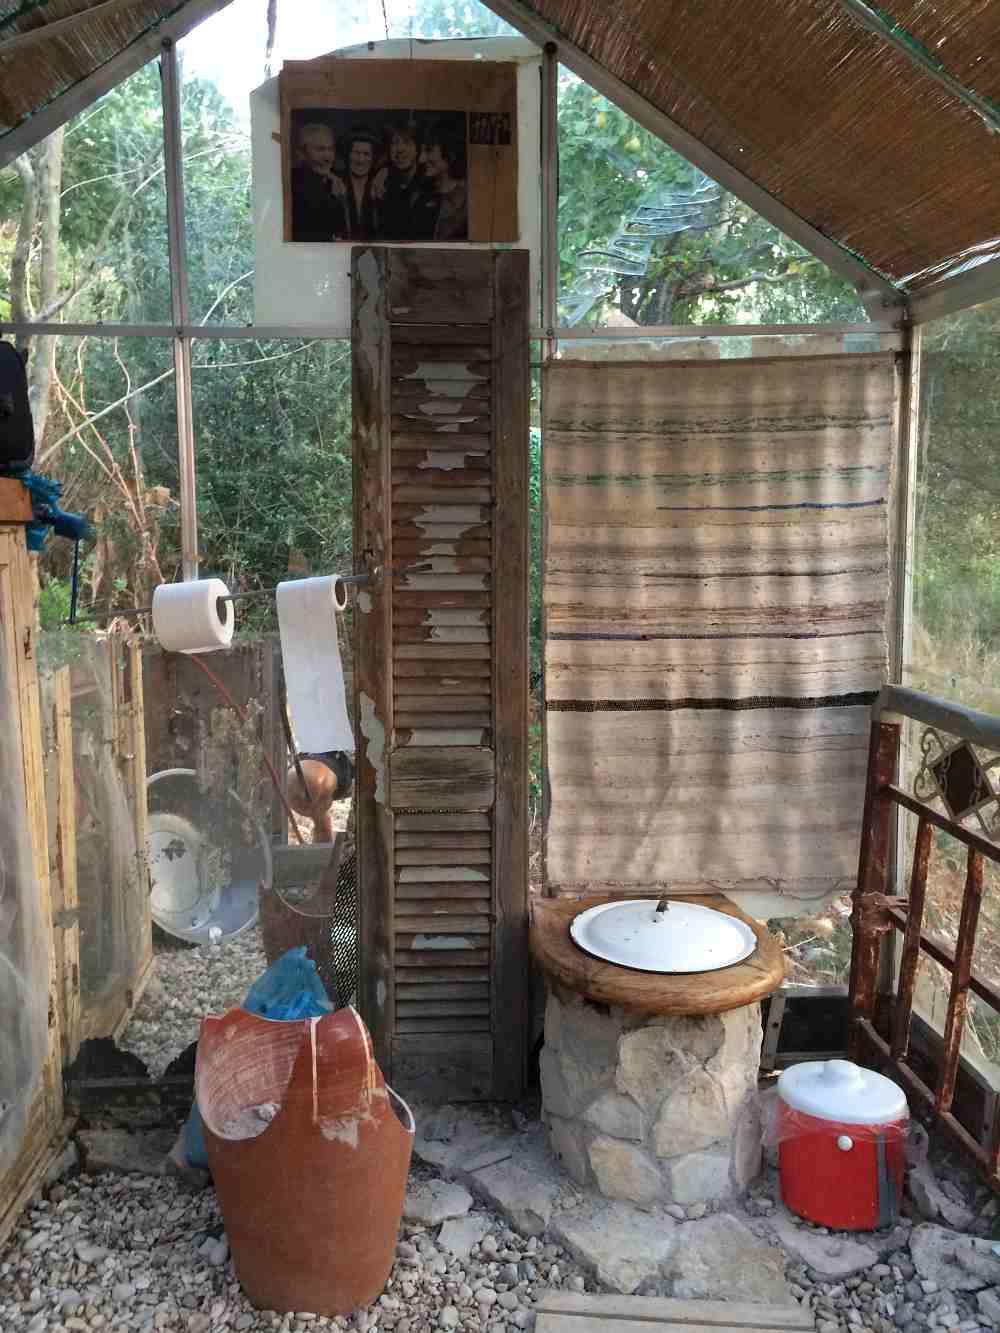 aussteiger-wc-ithaka-sarakiniko-alternatives-leben